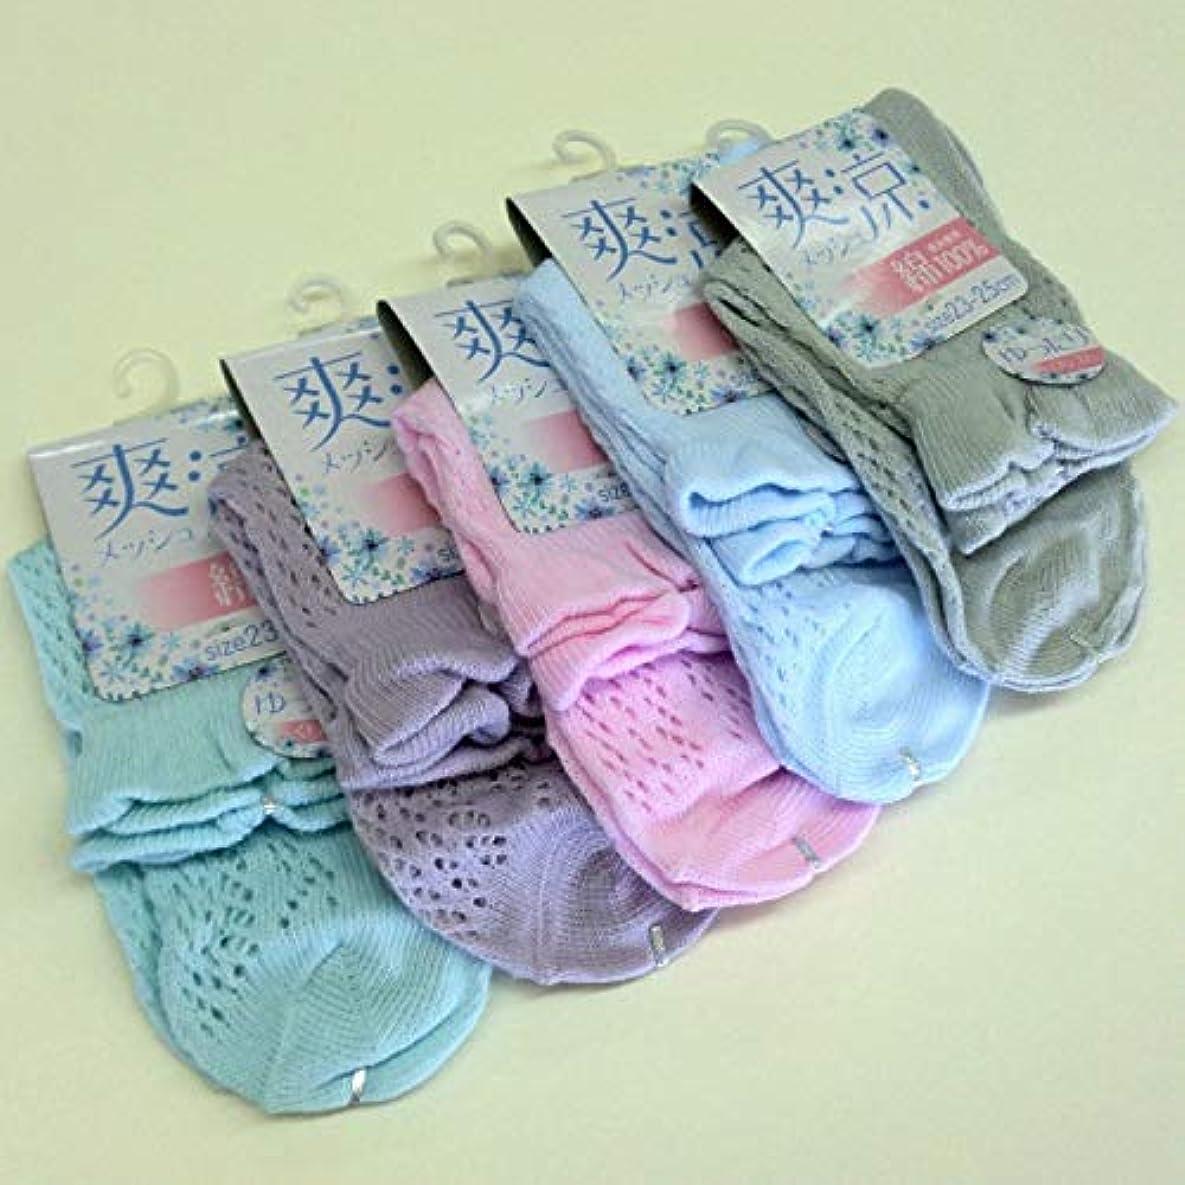 メモ持続する合成靴下 レディース 夏 表糸綿100% 涼しいルミーソックス セット 5色5足組